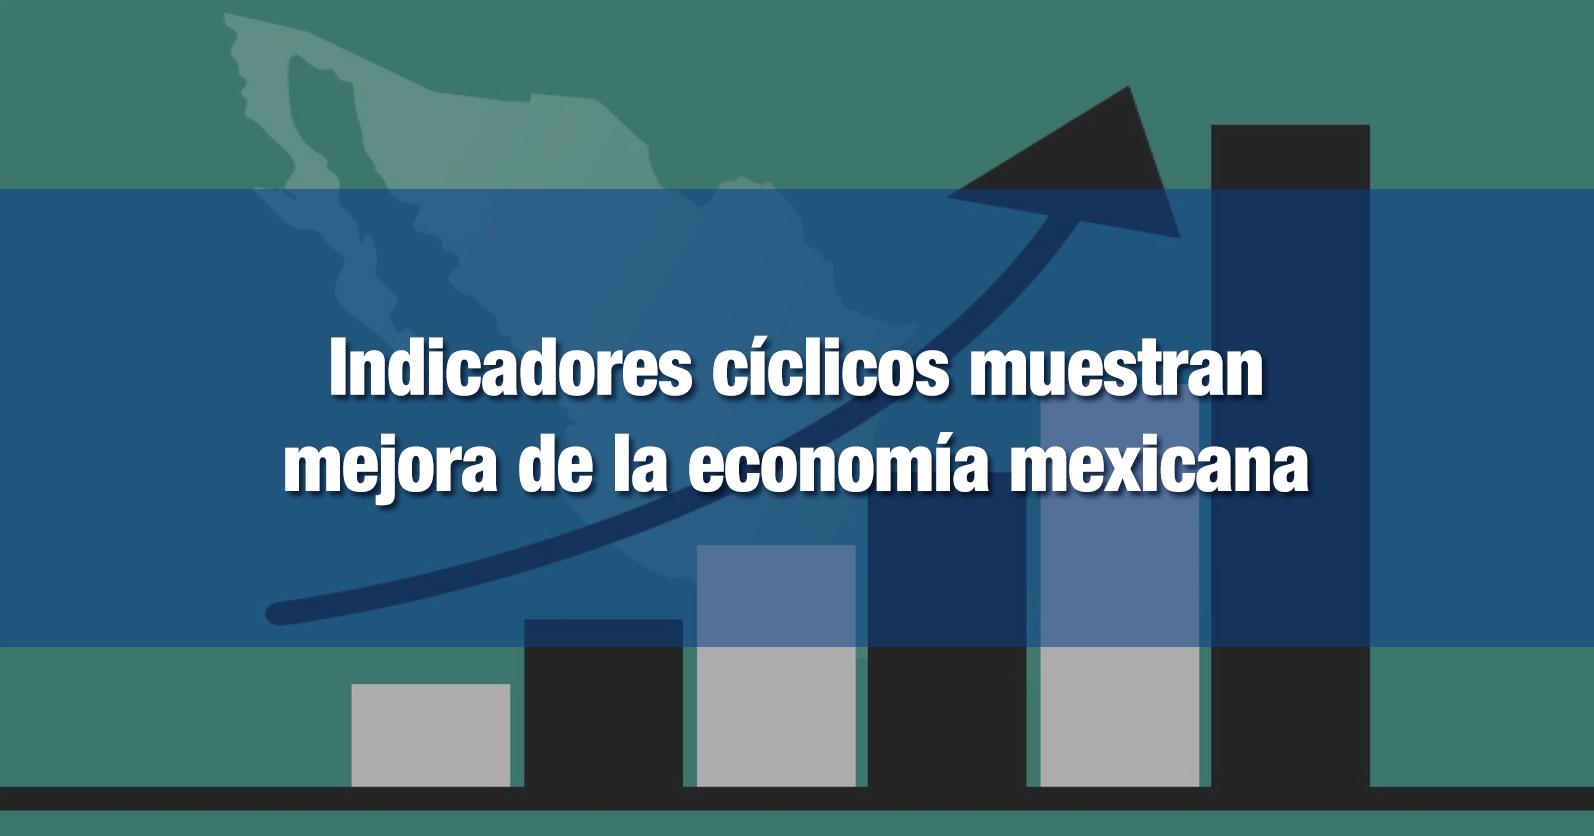 Indicadores cíclicos muestran mejora de la economía mexicana